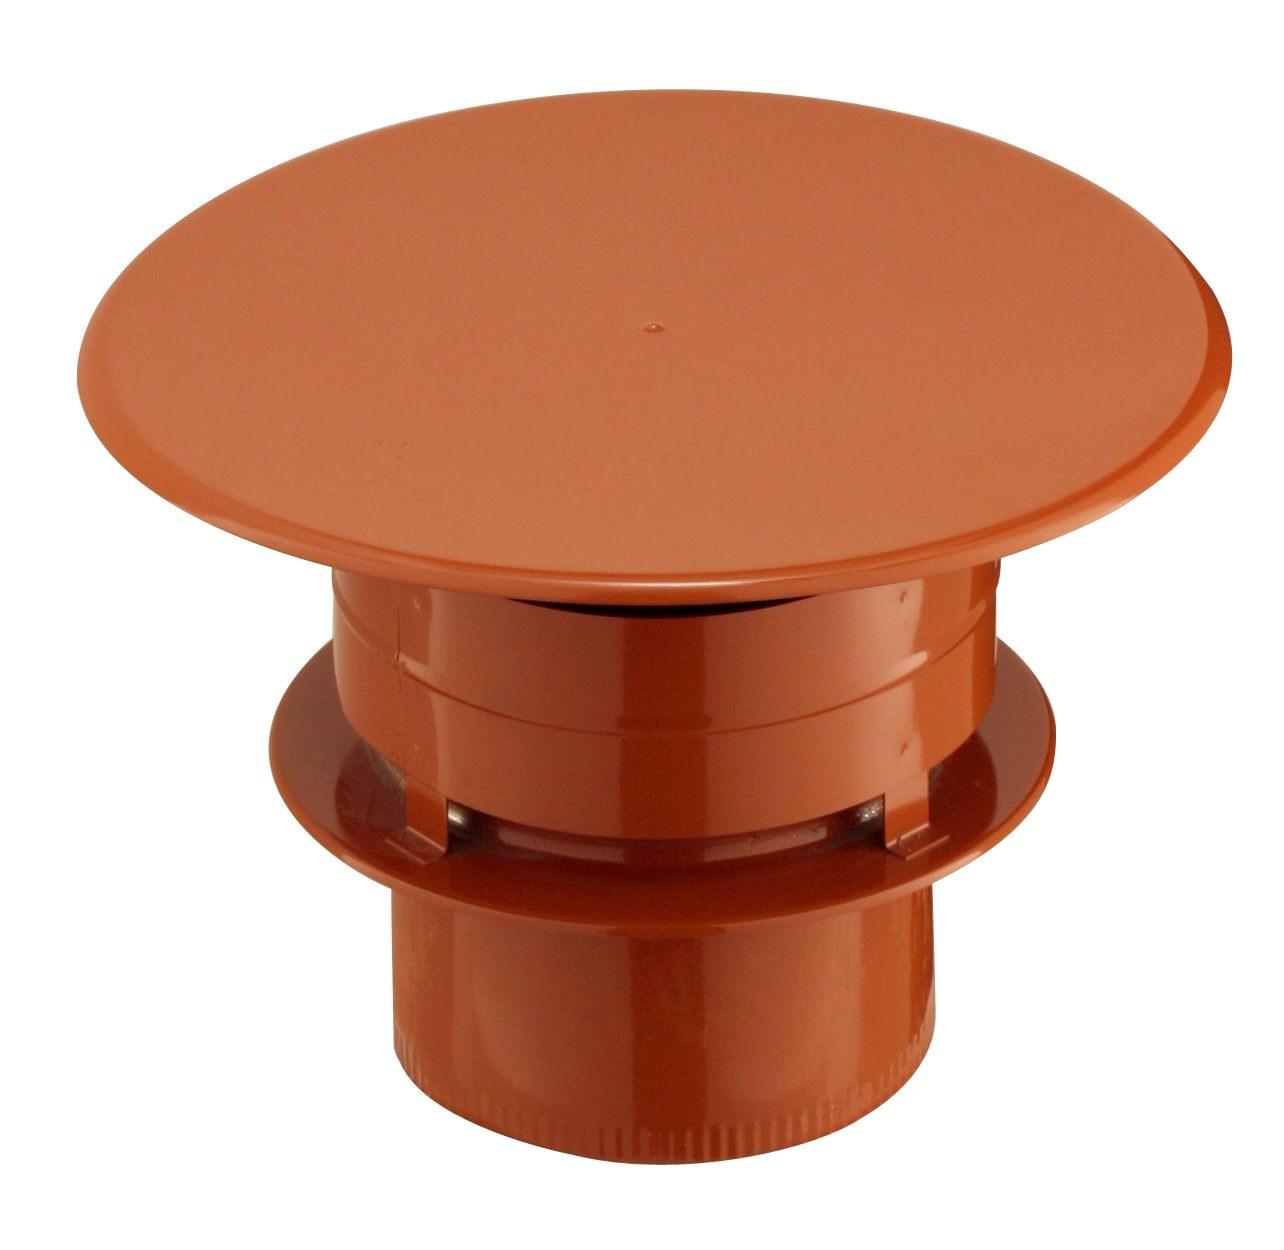 chapeau aspirateur polycombustible poujoulat. Black Bedroom Furniture Sets. Home Design Ideas